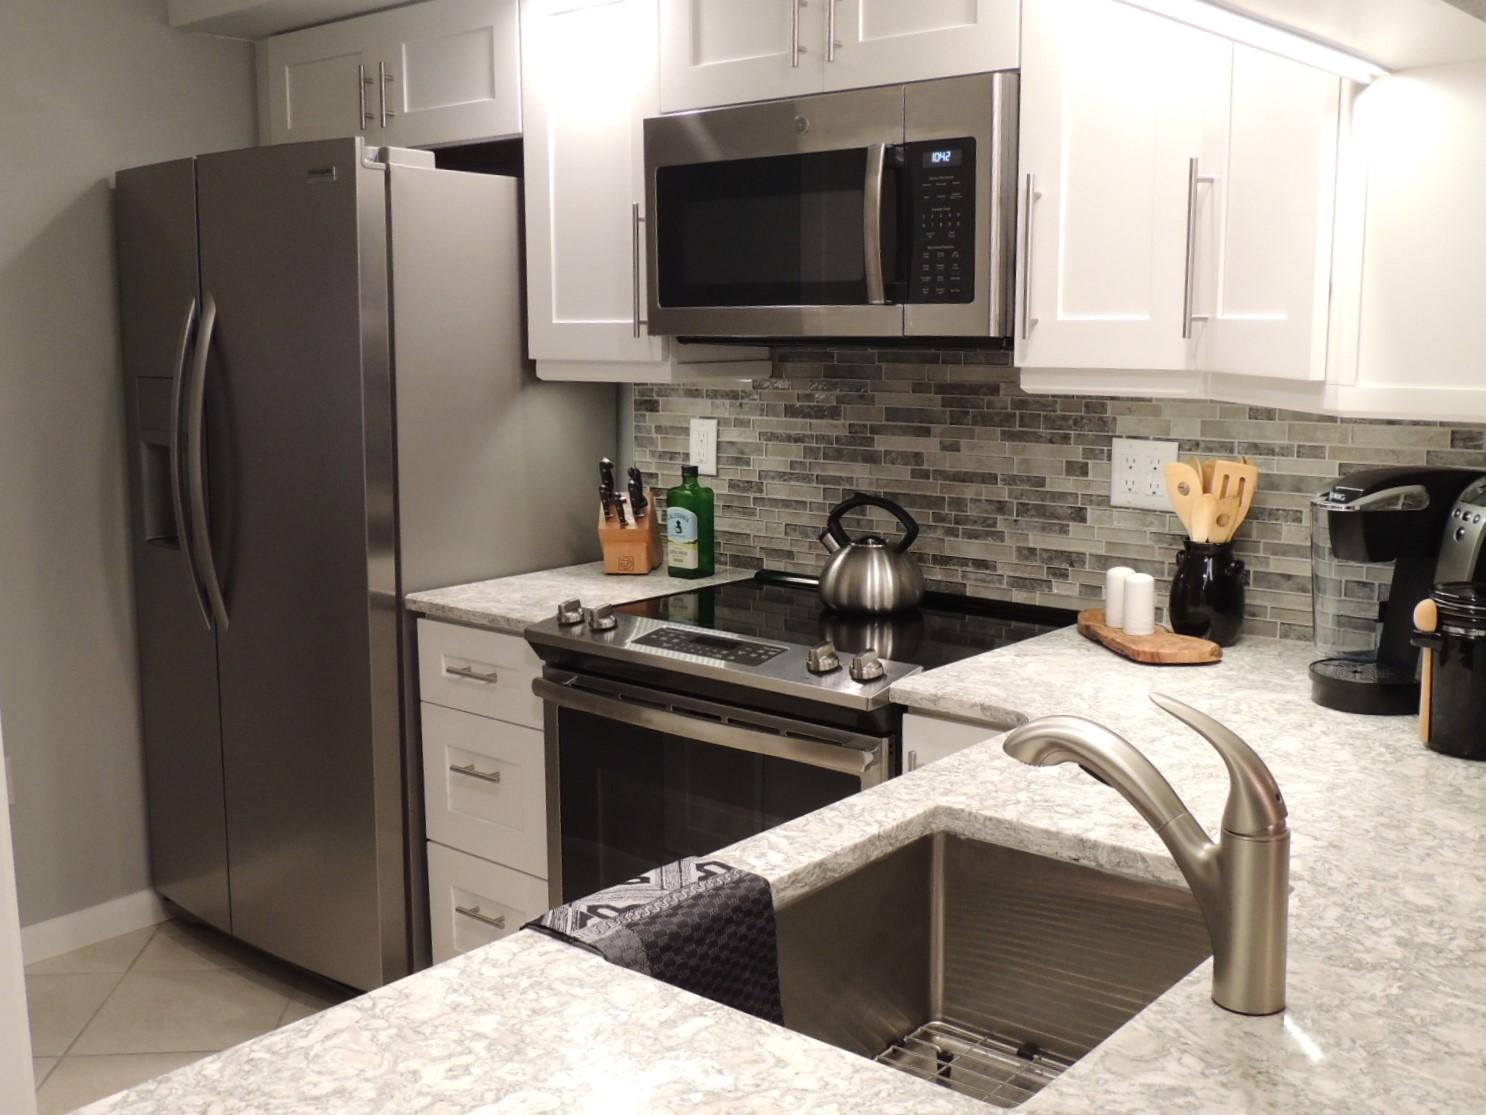 Small Condo Kitchen Remodel Edgewater Main